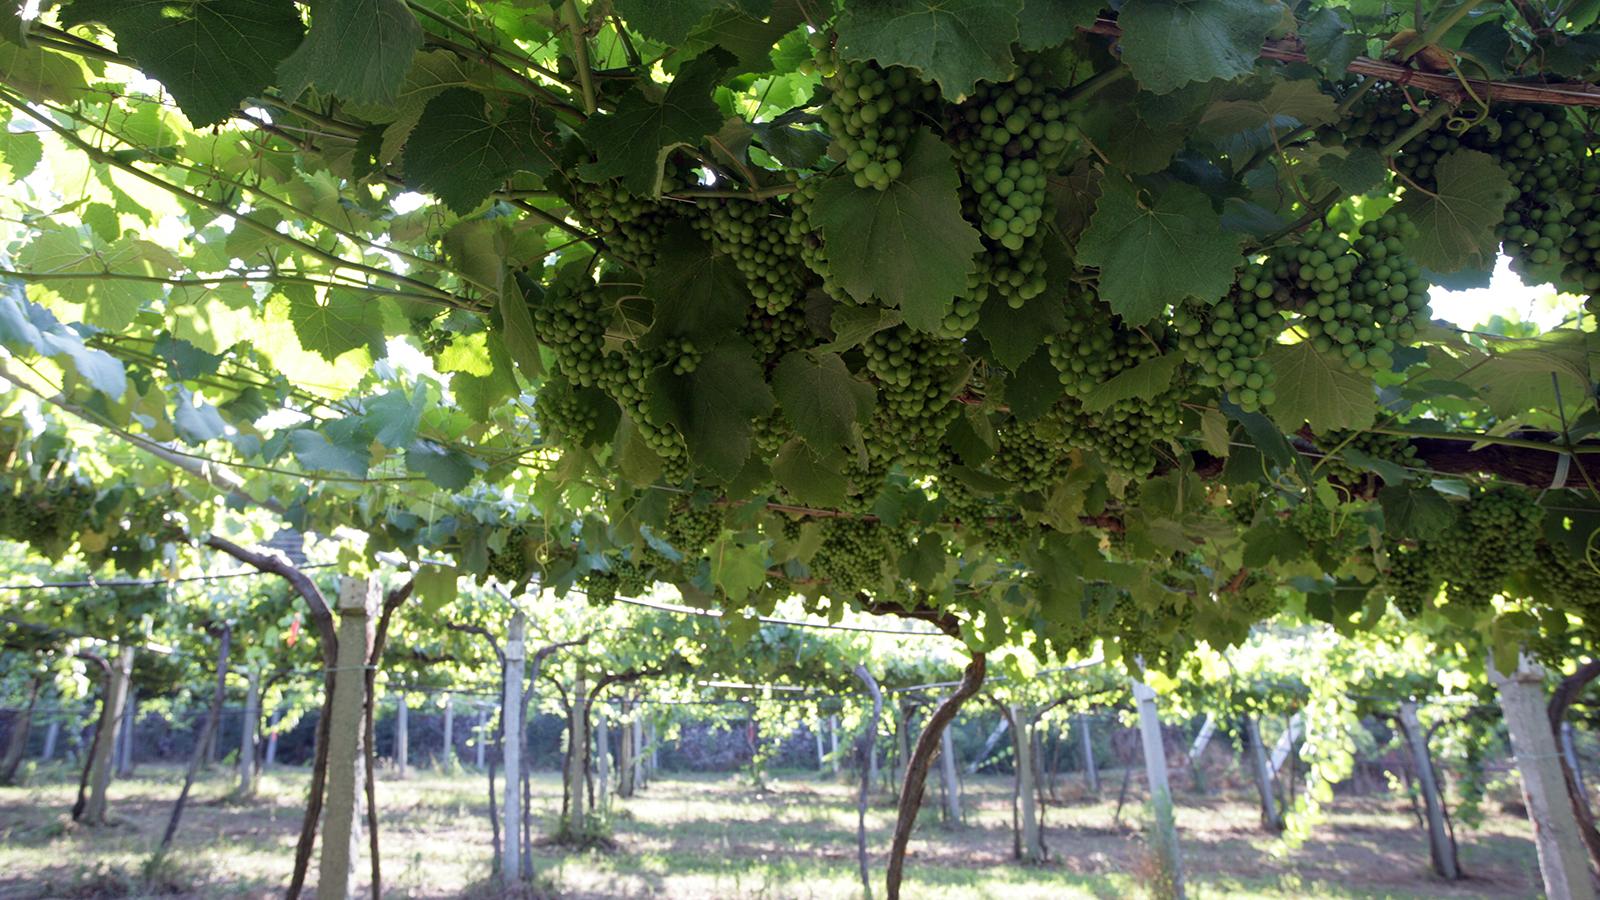 Albariño vines under pergola in Rias Baixas